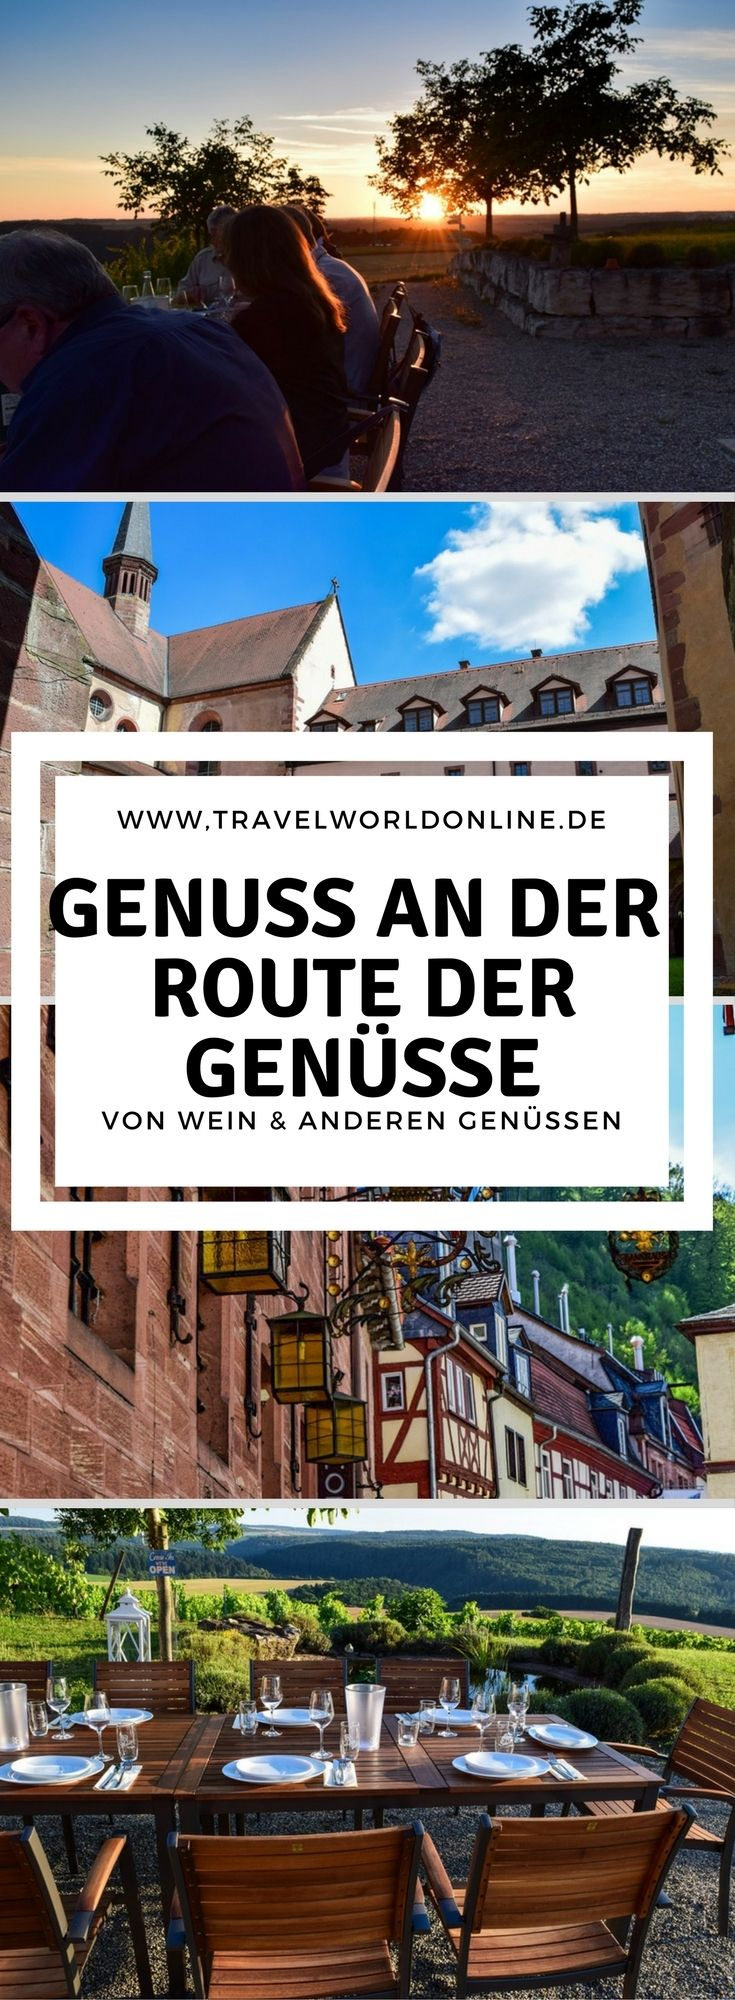 Wein und andere Genüsse erwarten den Gast auf einer Tour entlang der Route der Genüsse.